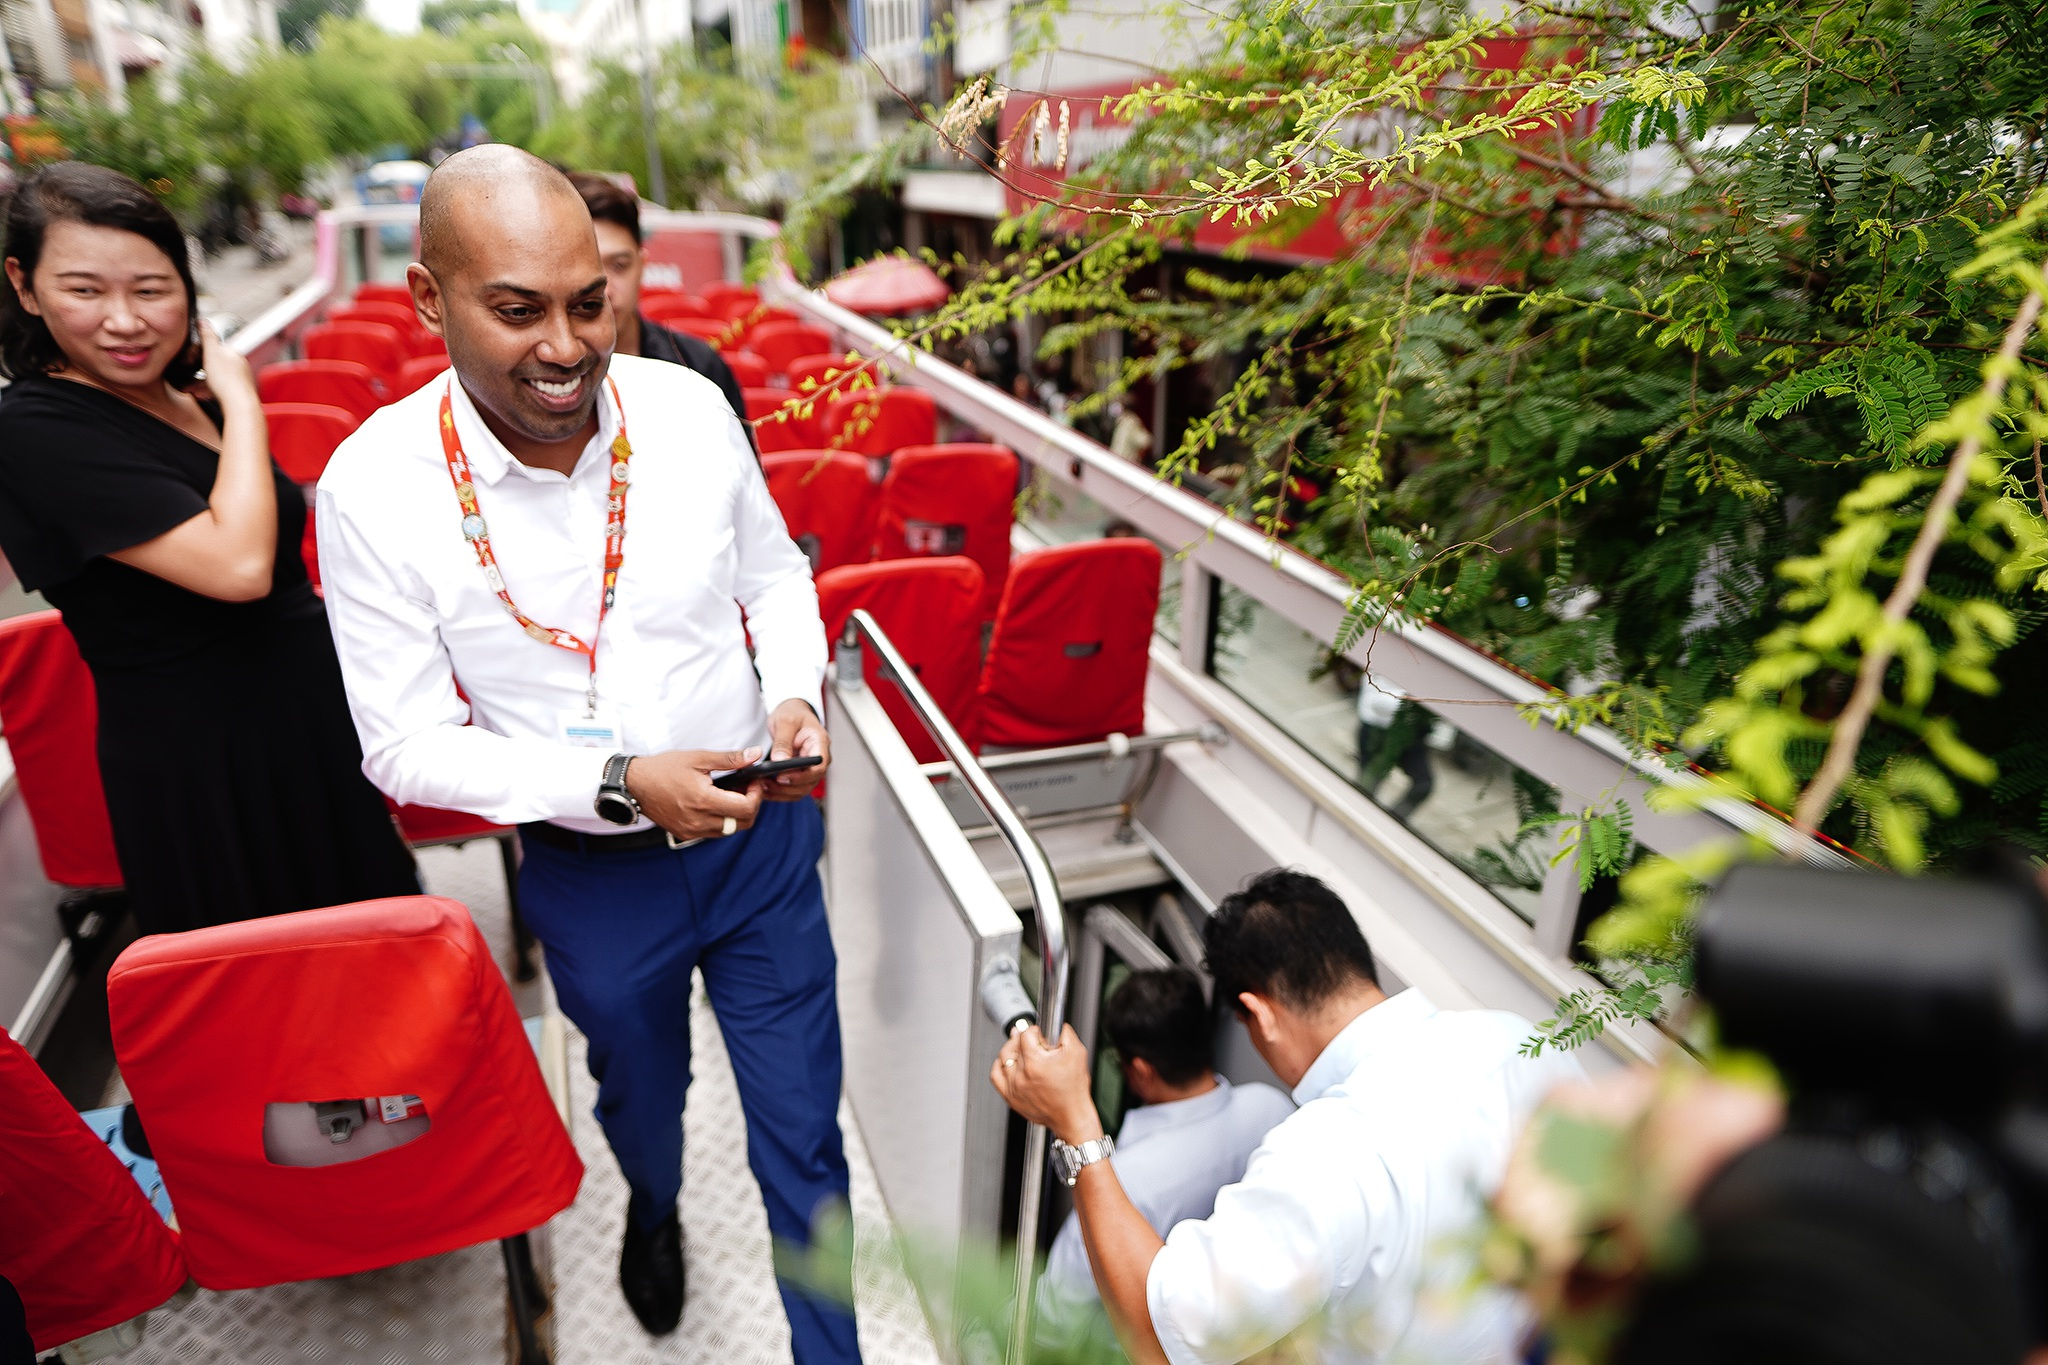 TP.HCM tăng tốc kích cầu du lịch nội địa với gần 300.000 vé ưu đãi - 16